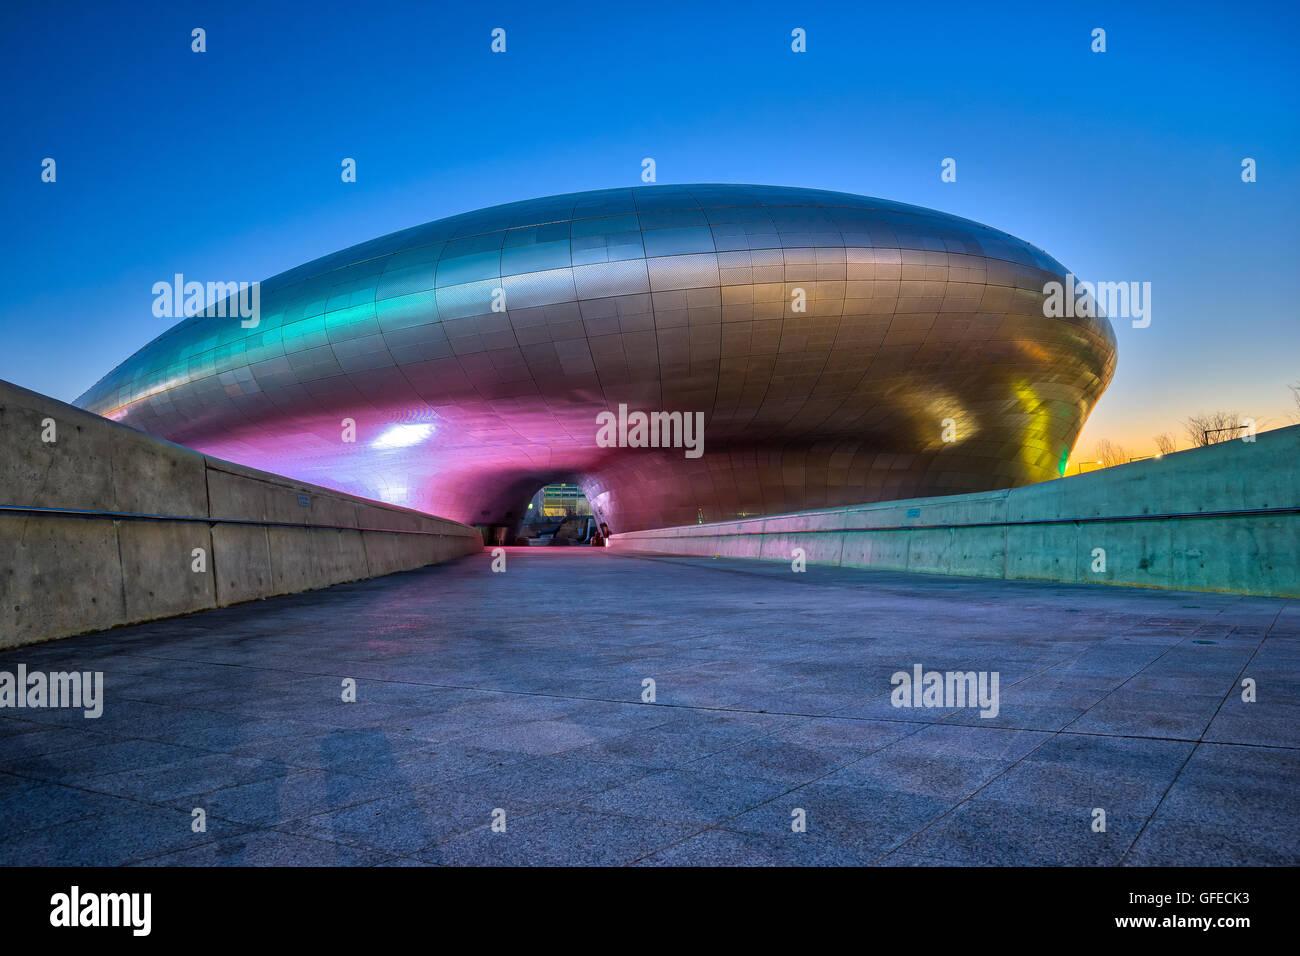 Seoul, Corea del Sud - 7 Dicembre 2015: il design di Dongdaemun Plaza, chiamato anche il DDP, è un importante Immagini Stock